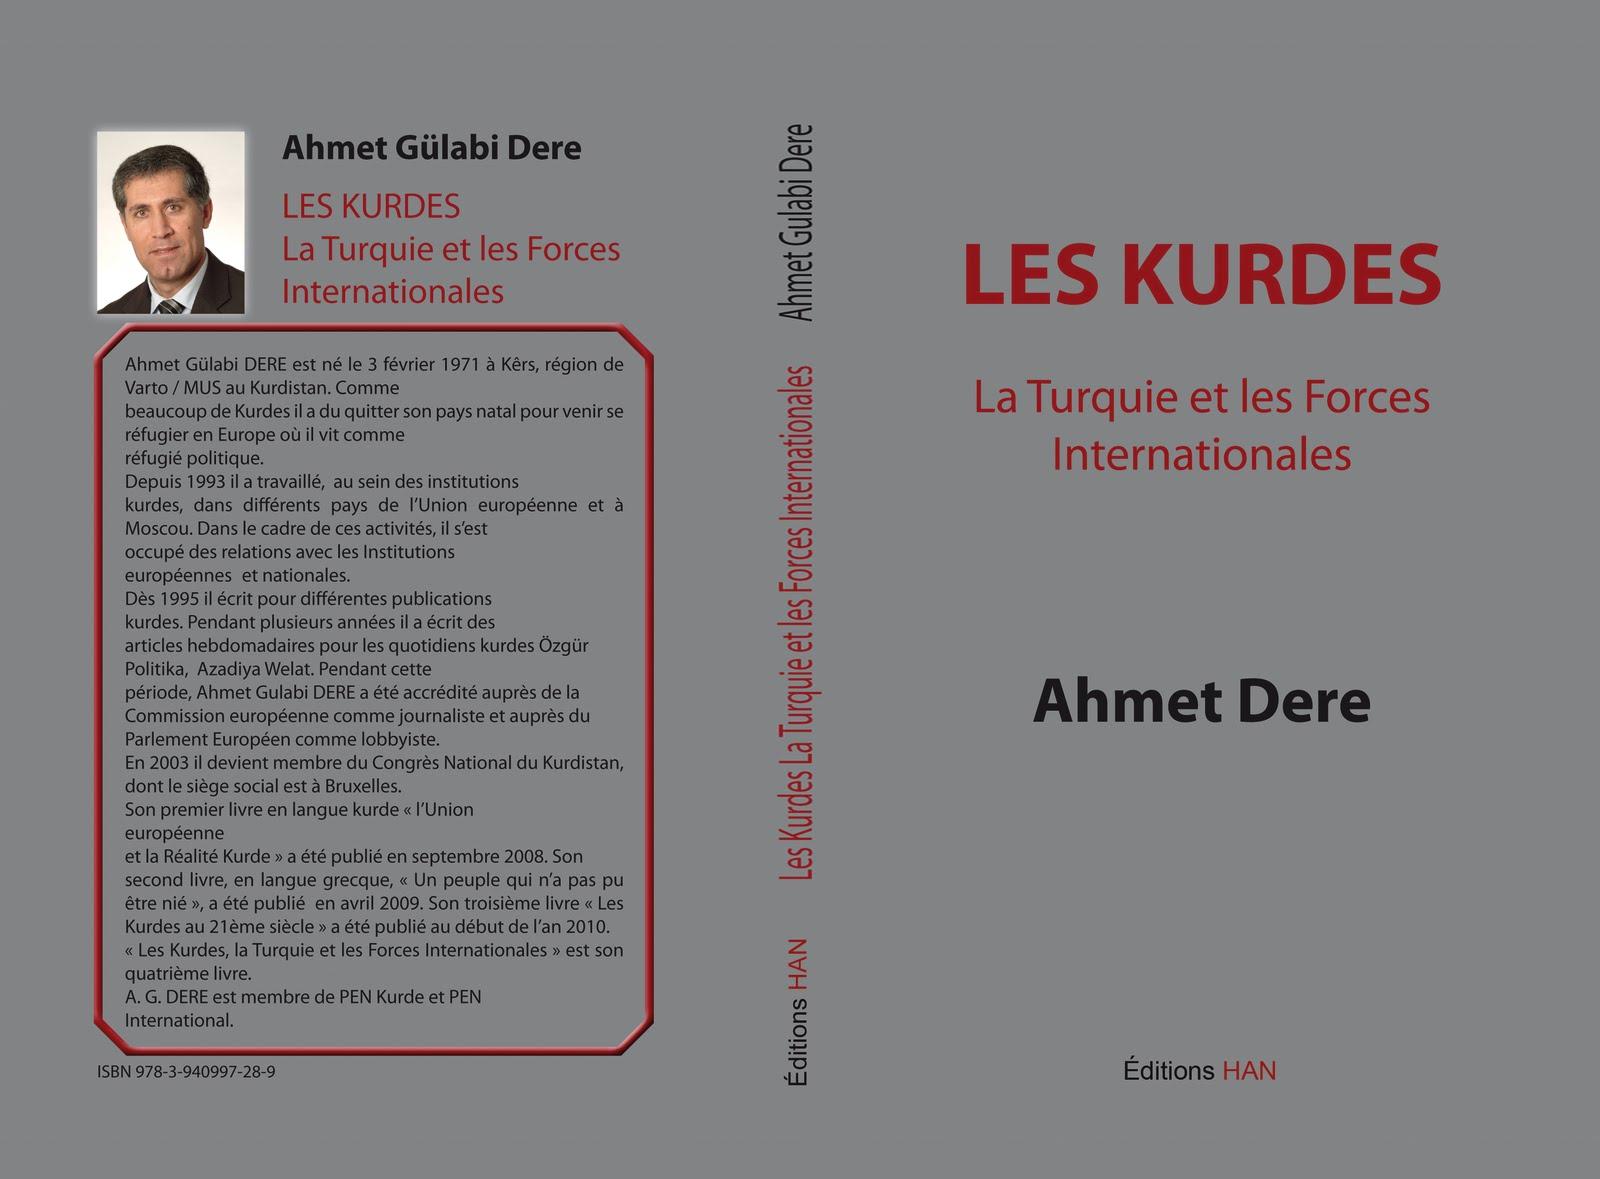 [Les+Kurdes+et+les+Forces+Internationales.jpg]